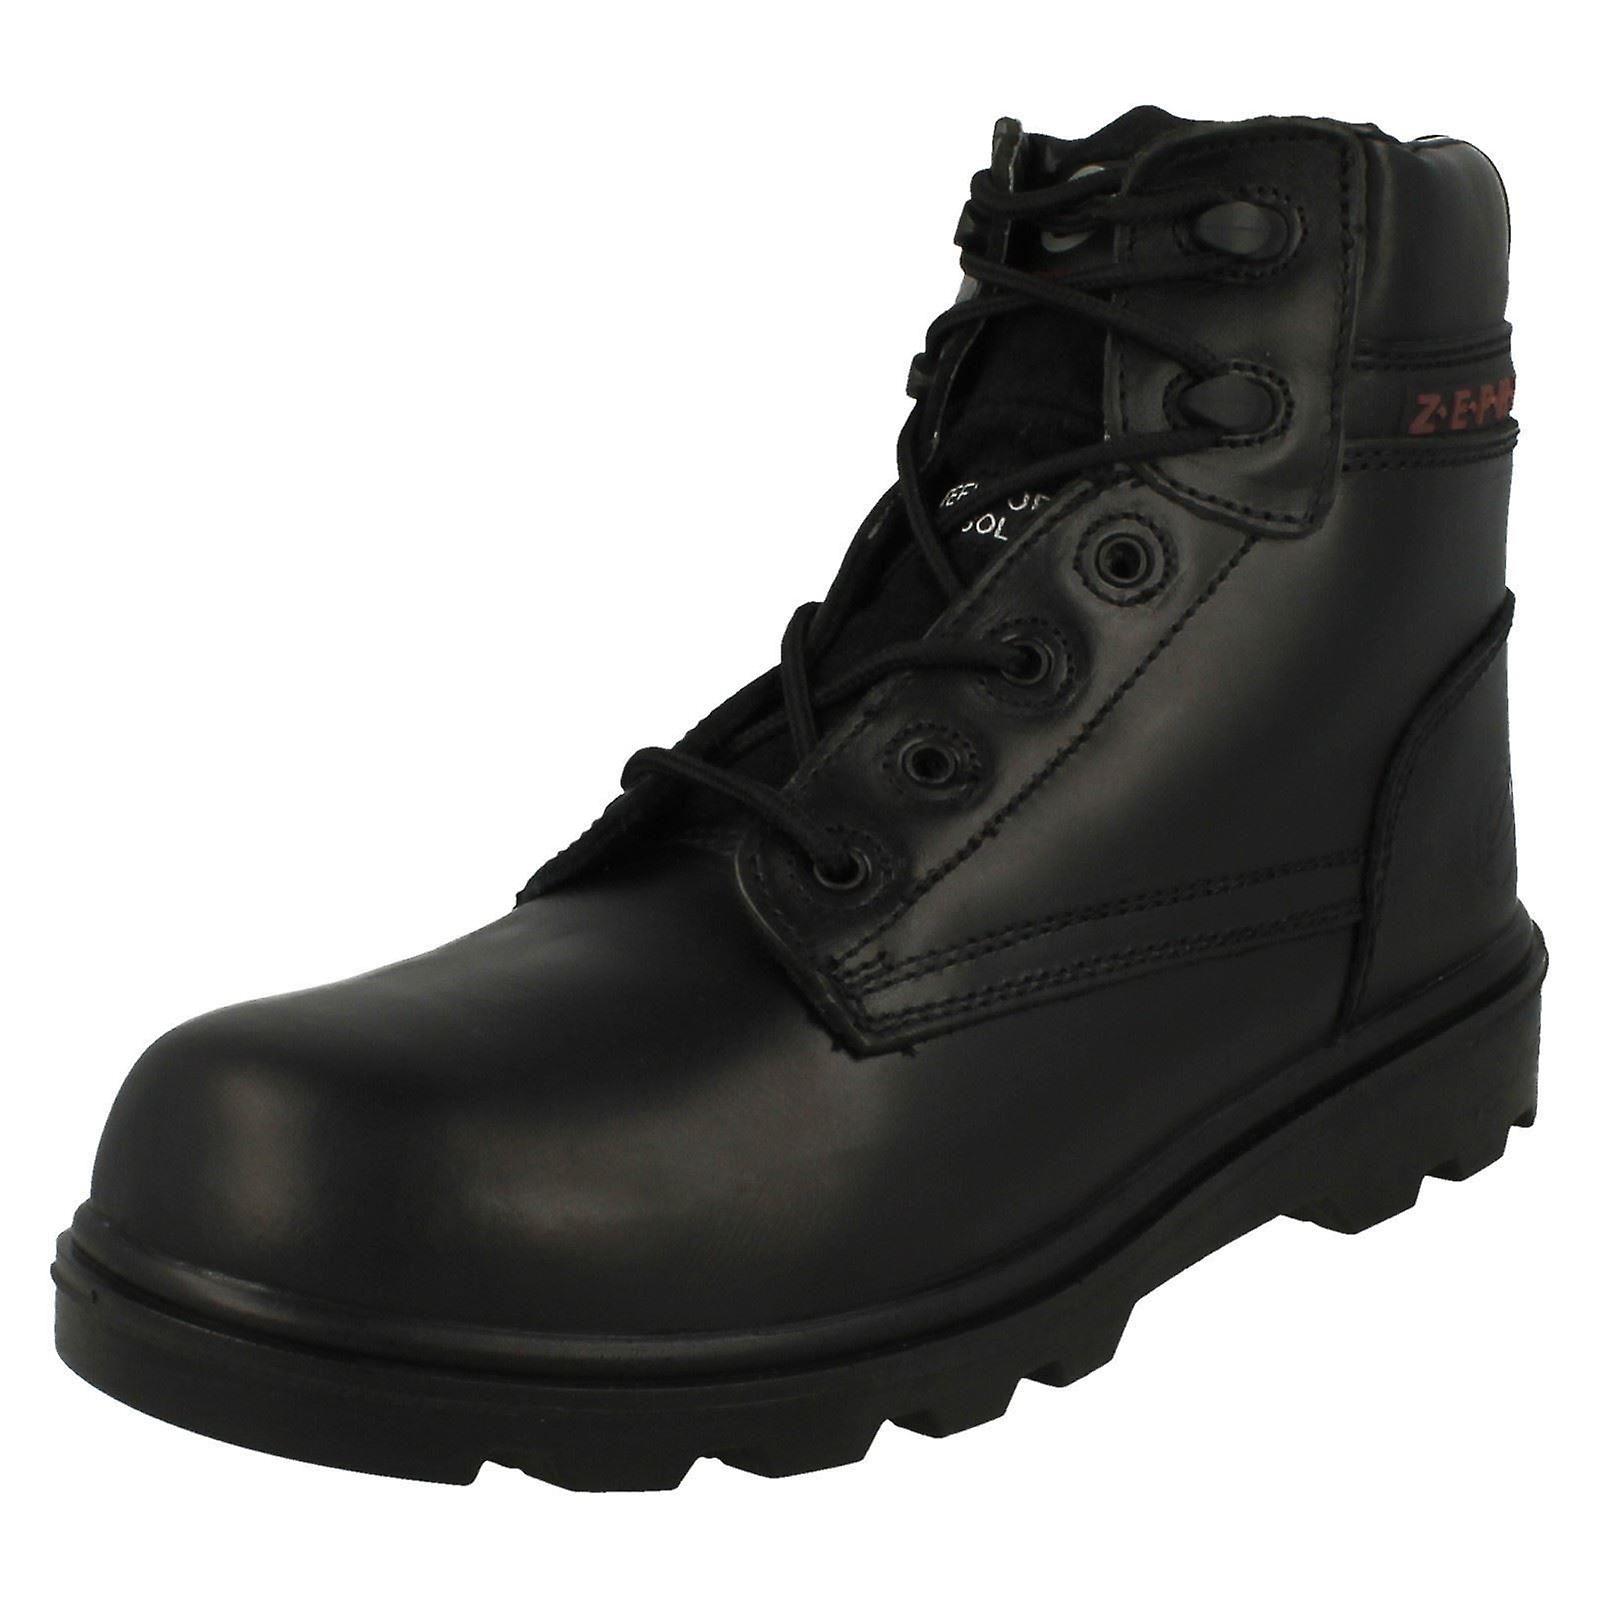 Mens Z.E.P.H.Y.R Steel Toe Safety Work Boot ZX17 - Black Leather - UK Size 9 - EU Size 43 - US Size 10